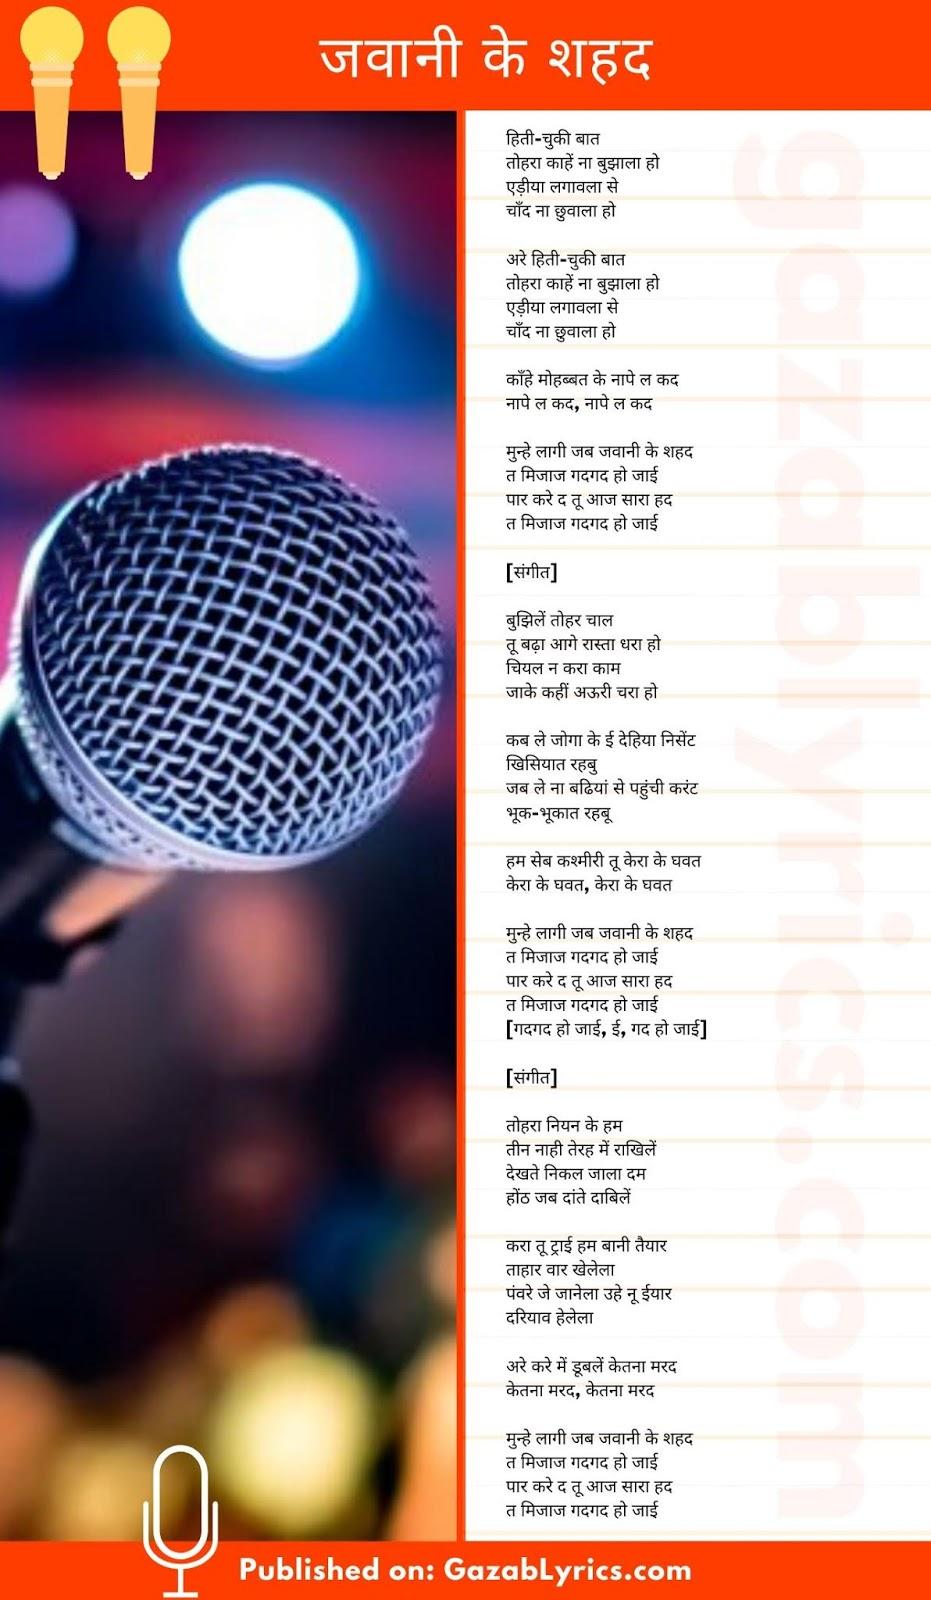 Jawani Ke Shahad song lyrics image